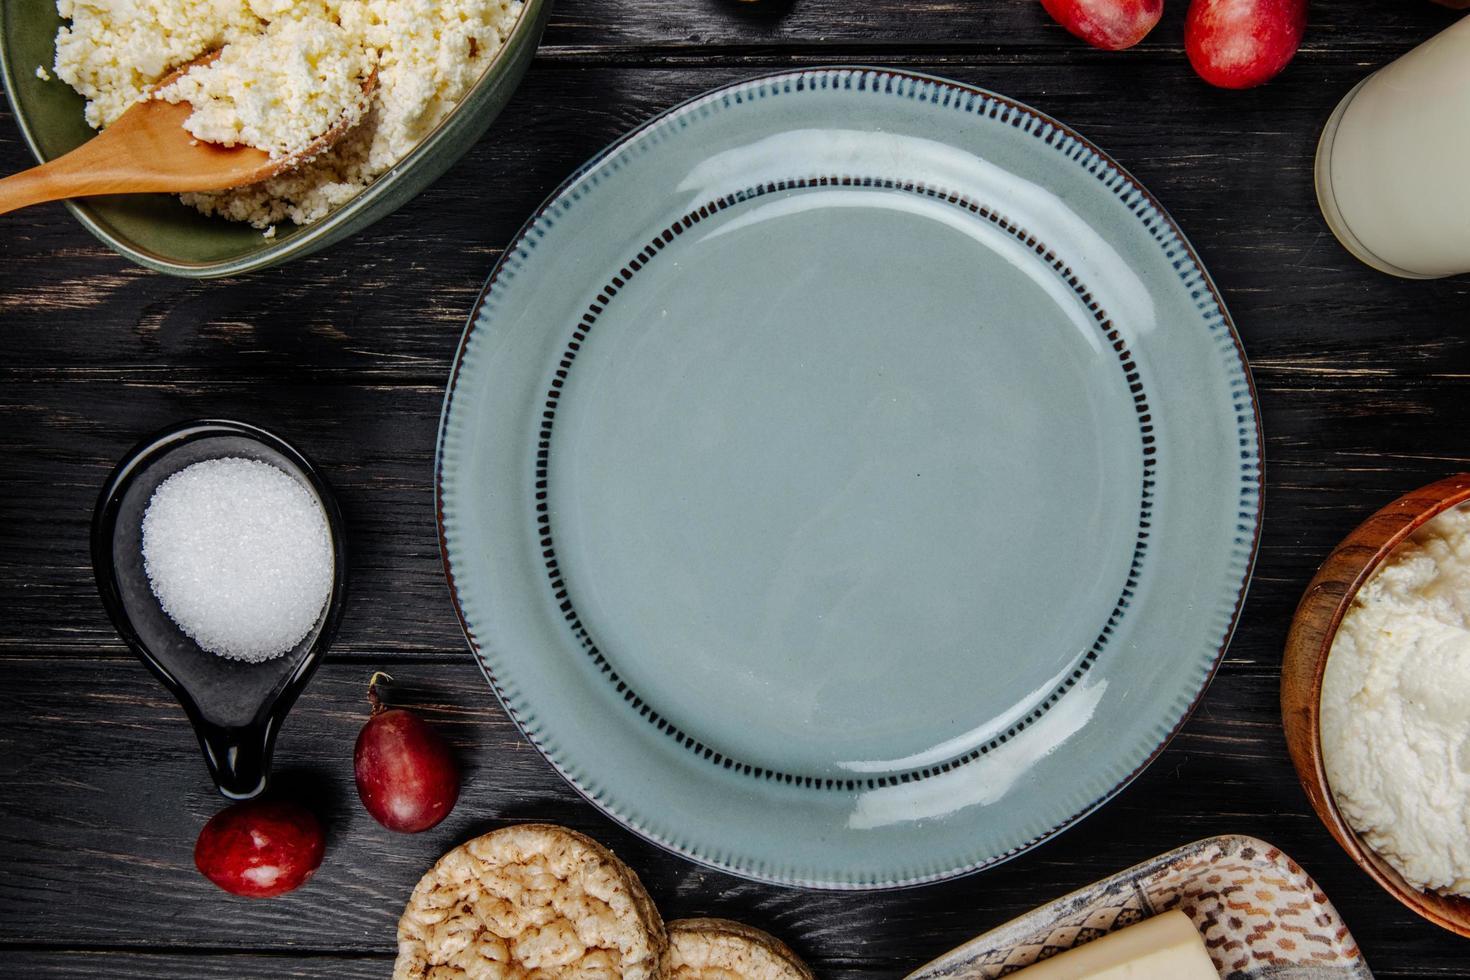 vue de dessus d'une assiette avec apéritifs photo